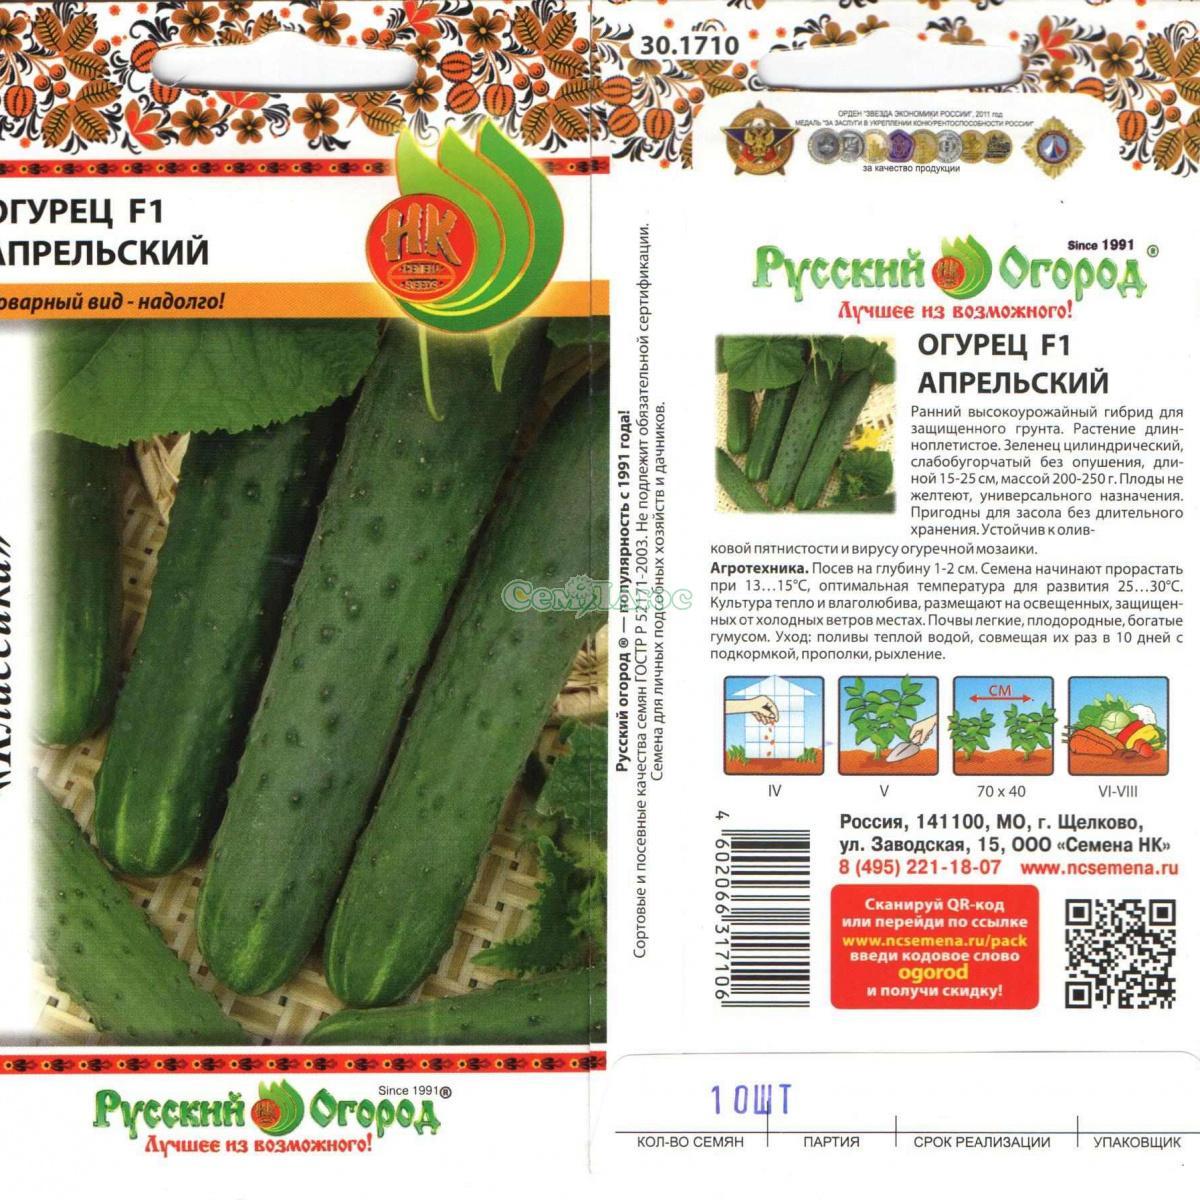 Огурец отелло f1: описание сорта и особенности выращивания